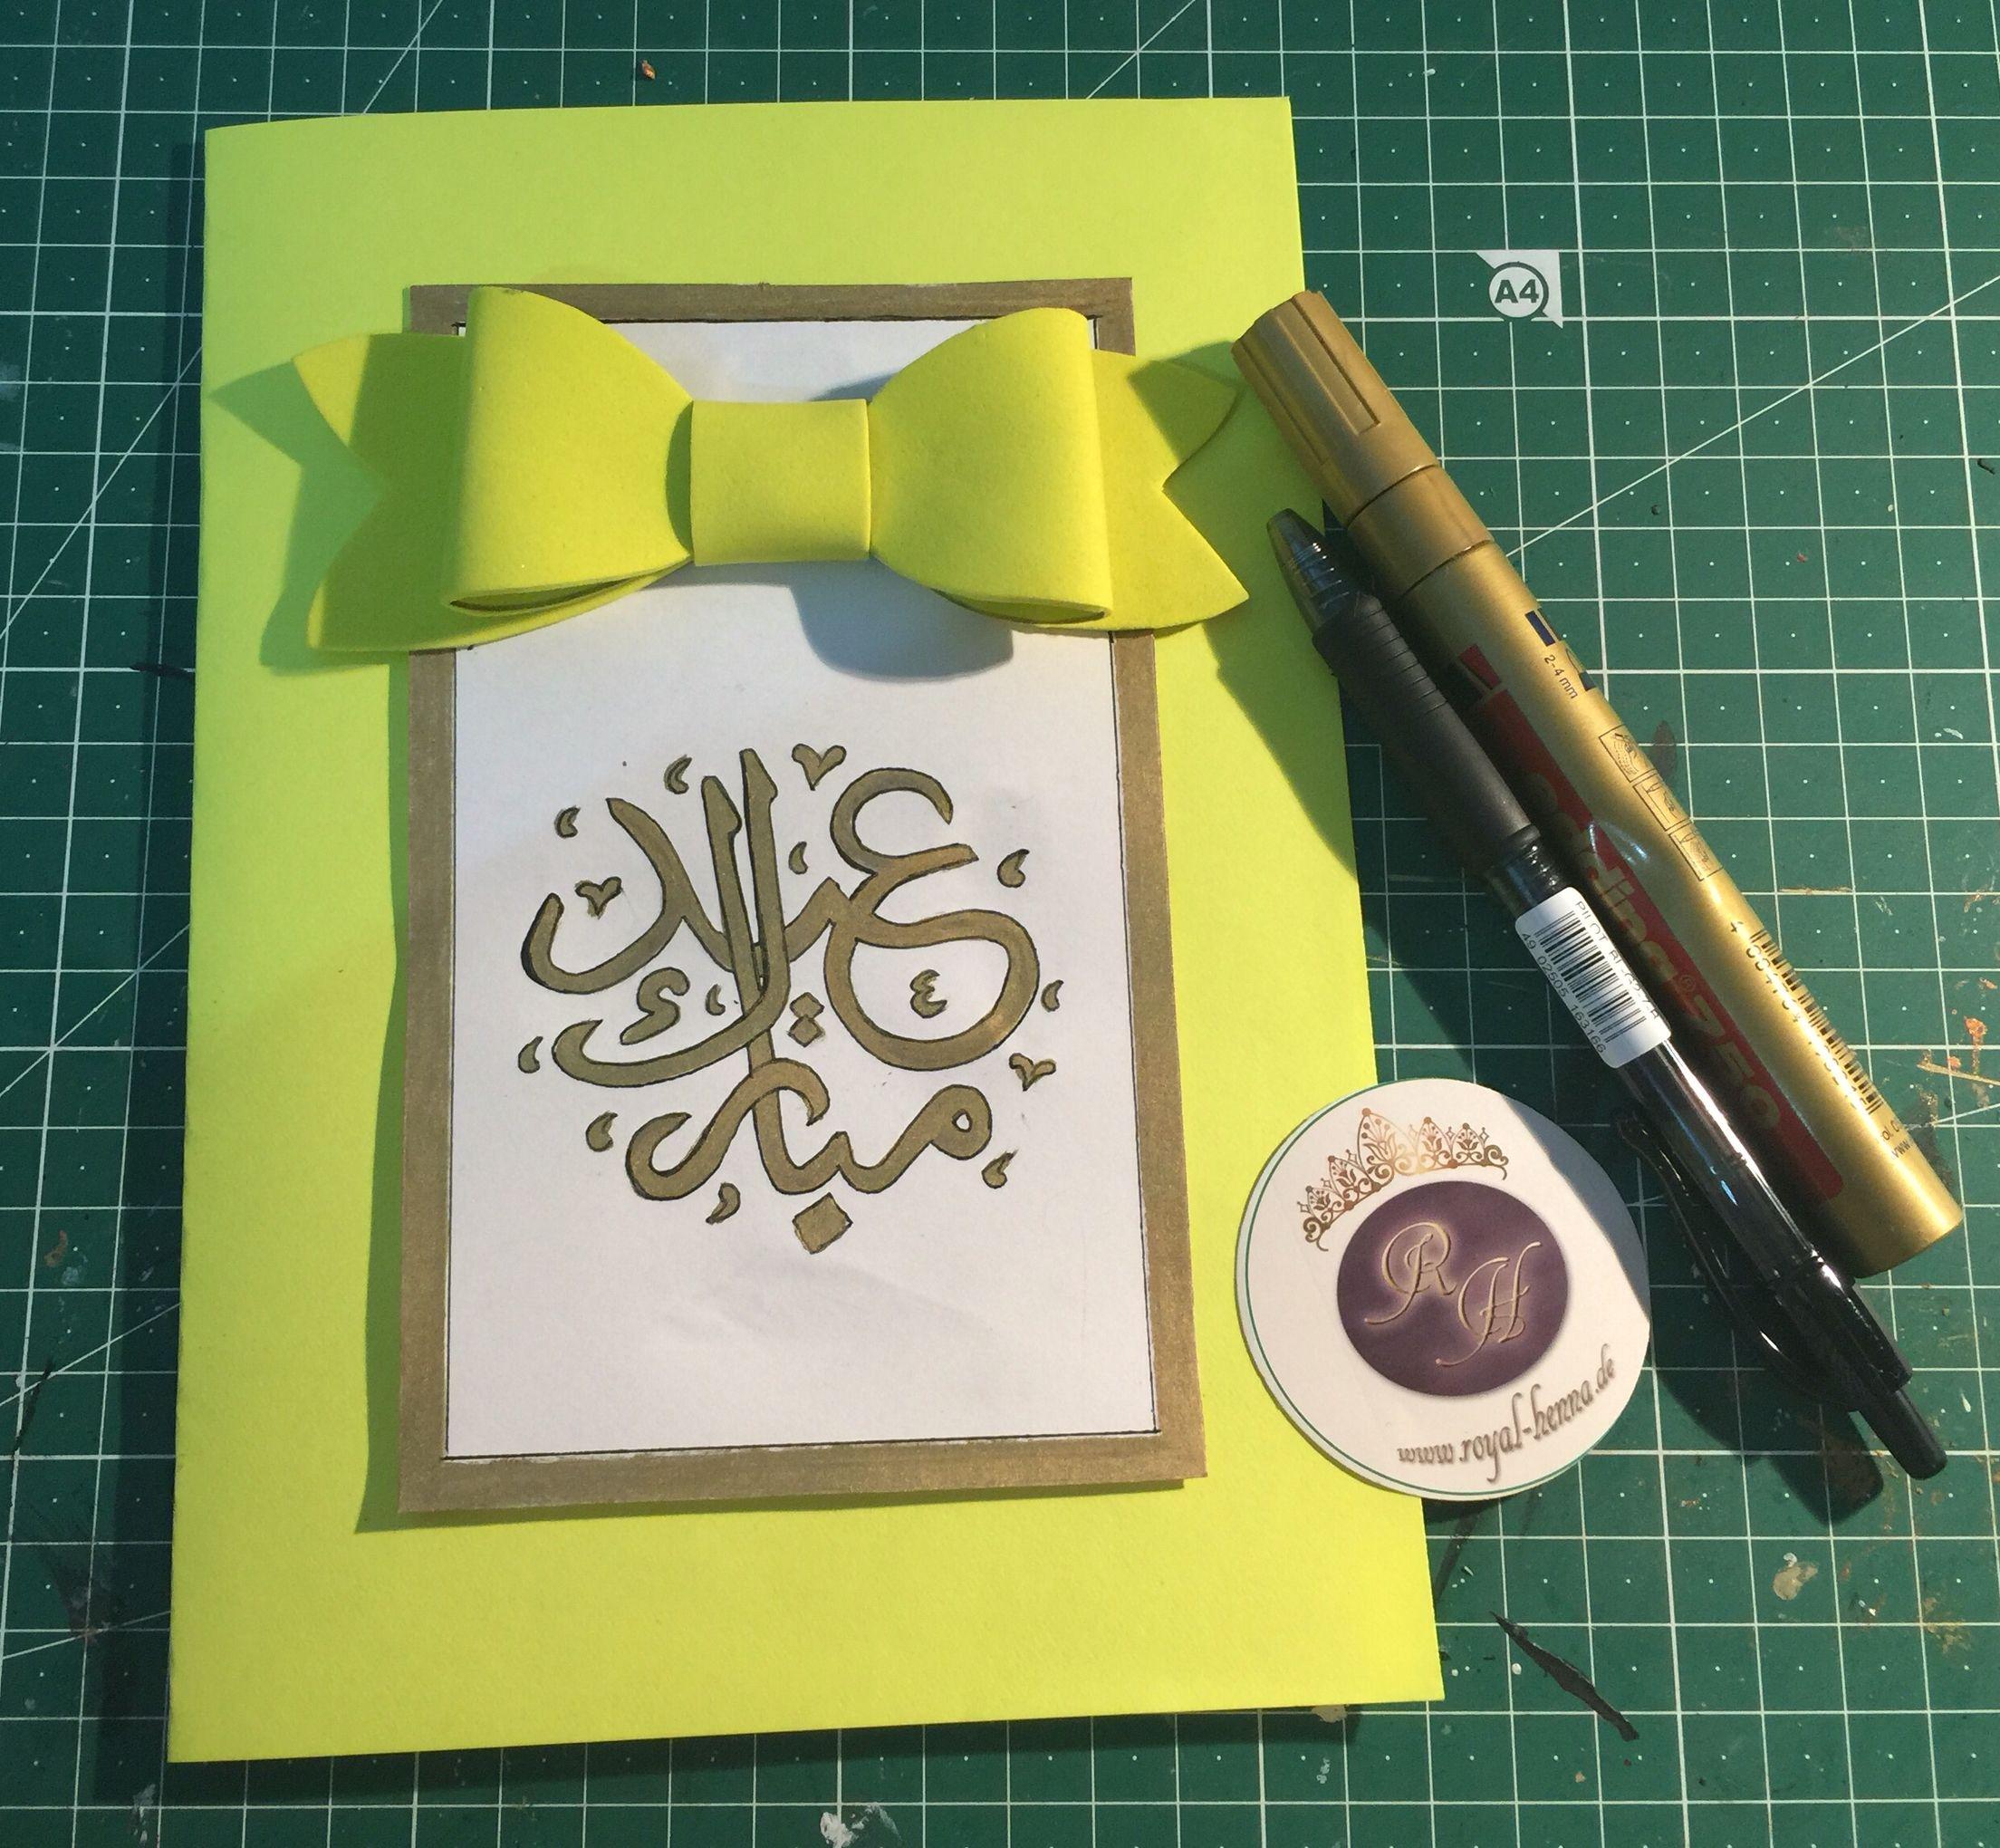 Erhältlich unter  www.royal-henna.de